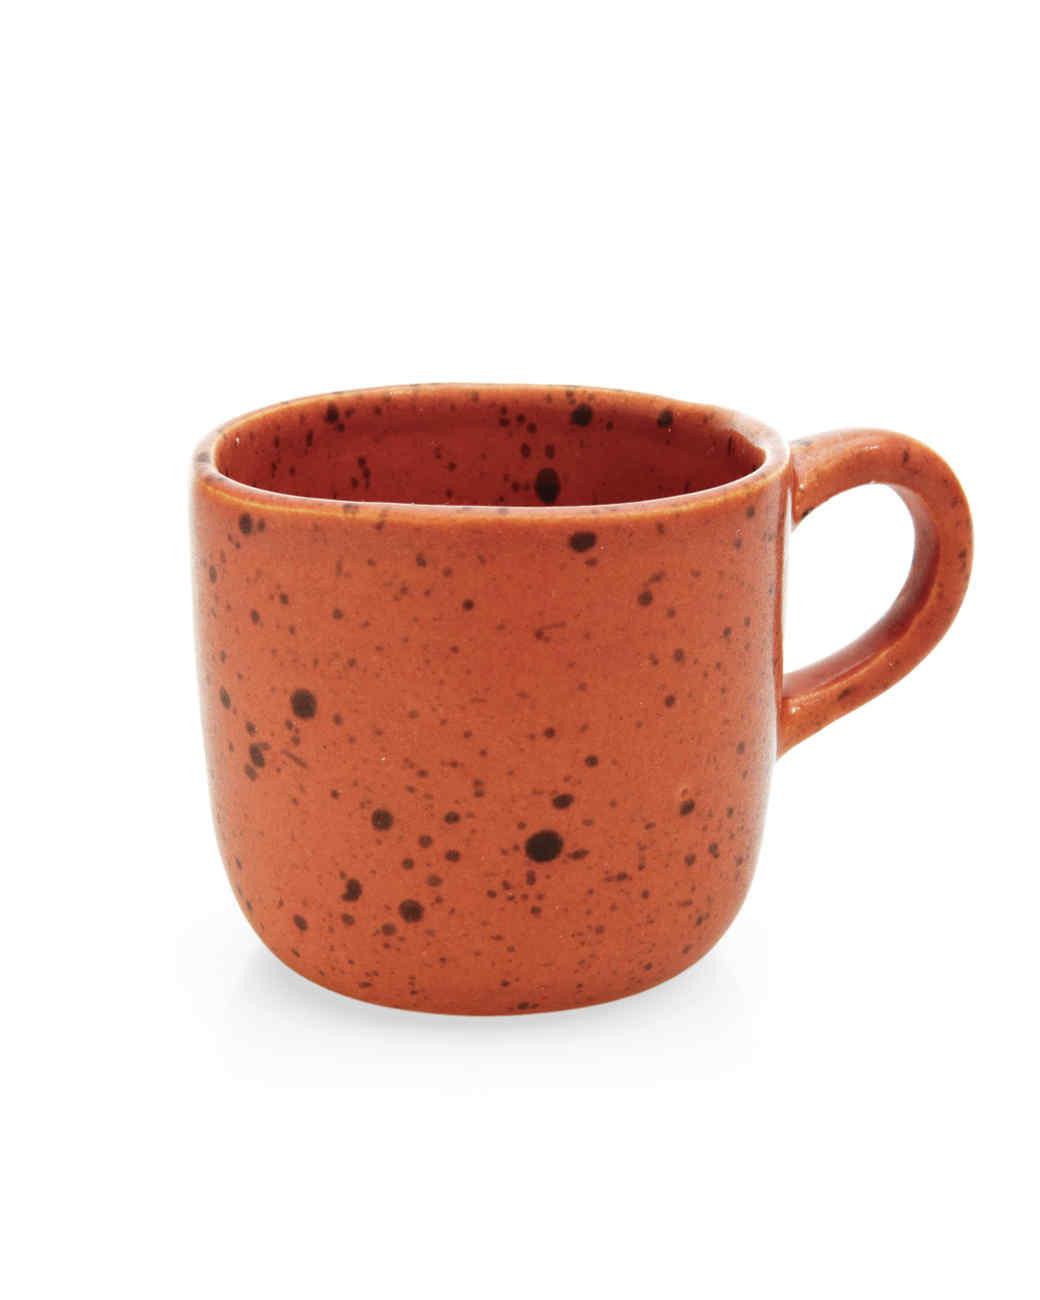 easy-entertaining-mug-md108899.jpg